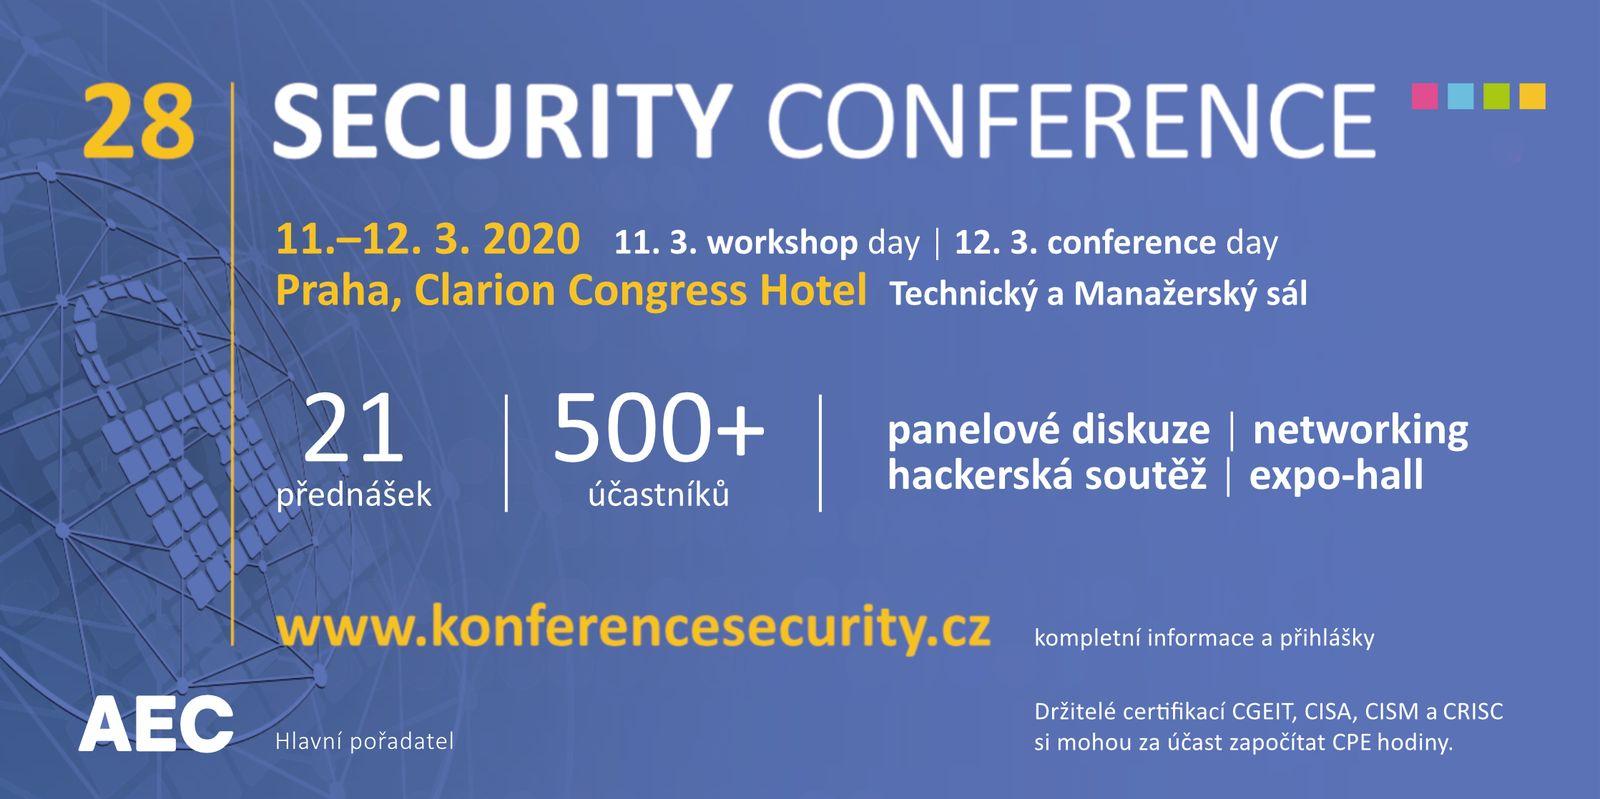 28. Security Conference - pozvánka